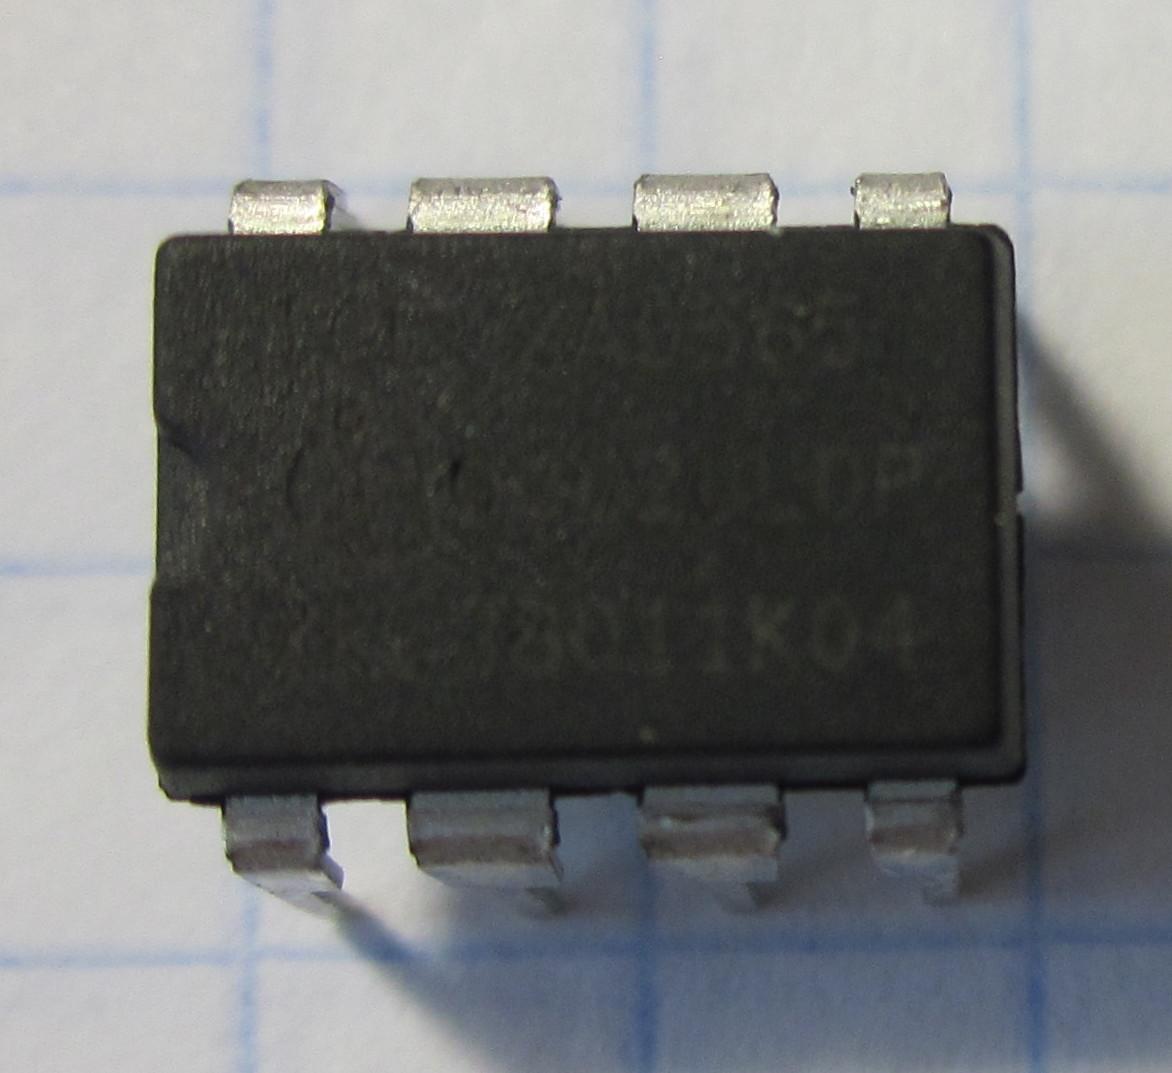 ICE 2A0565